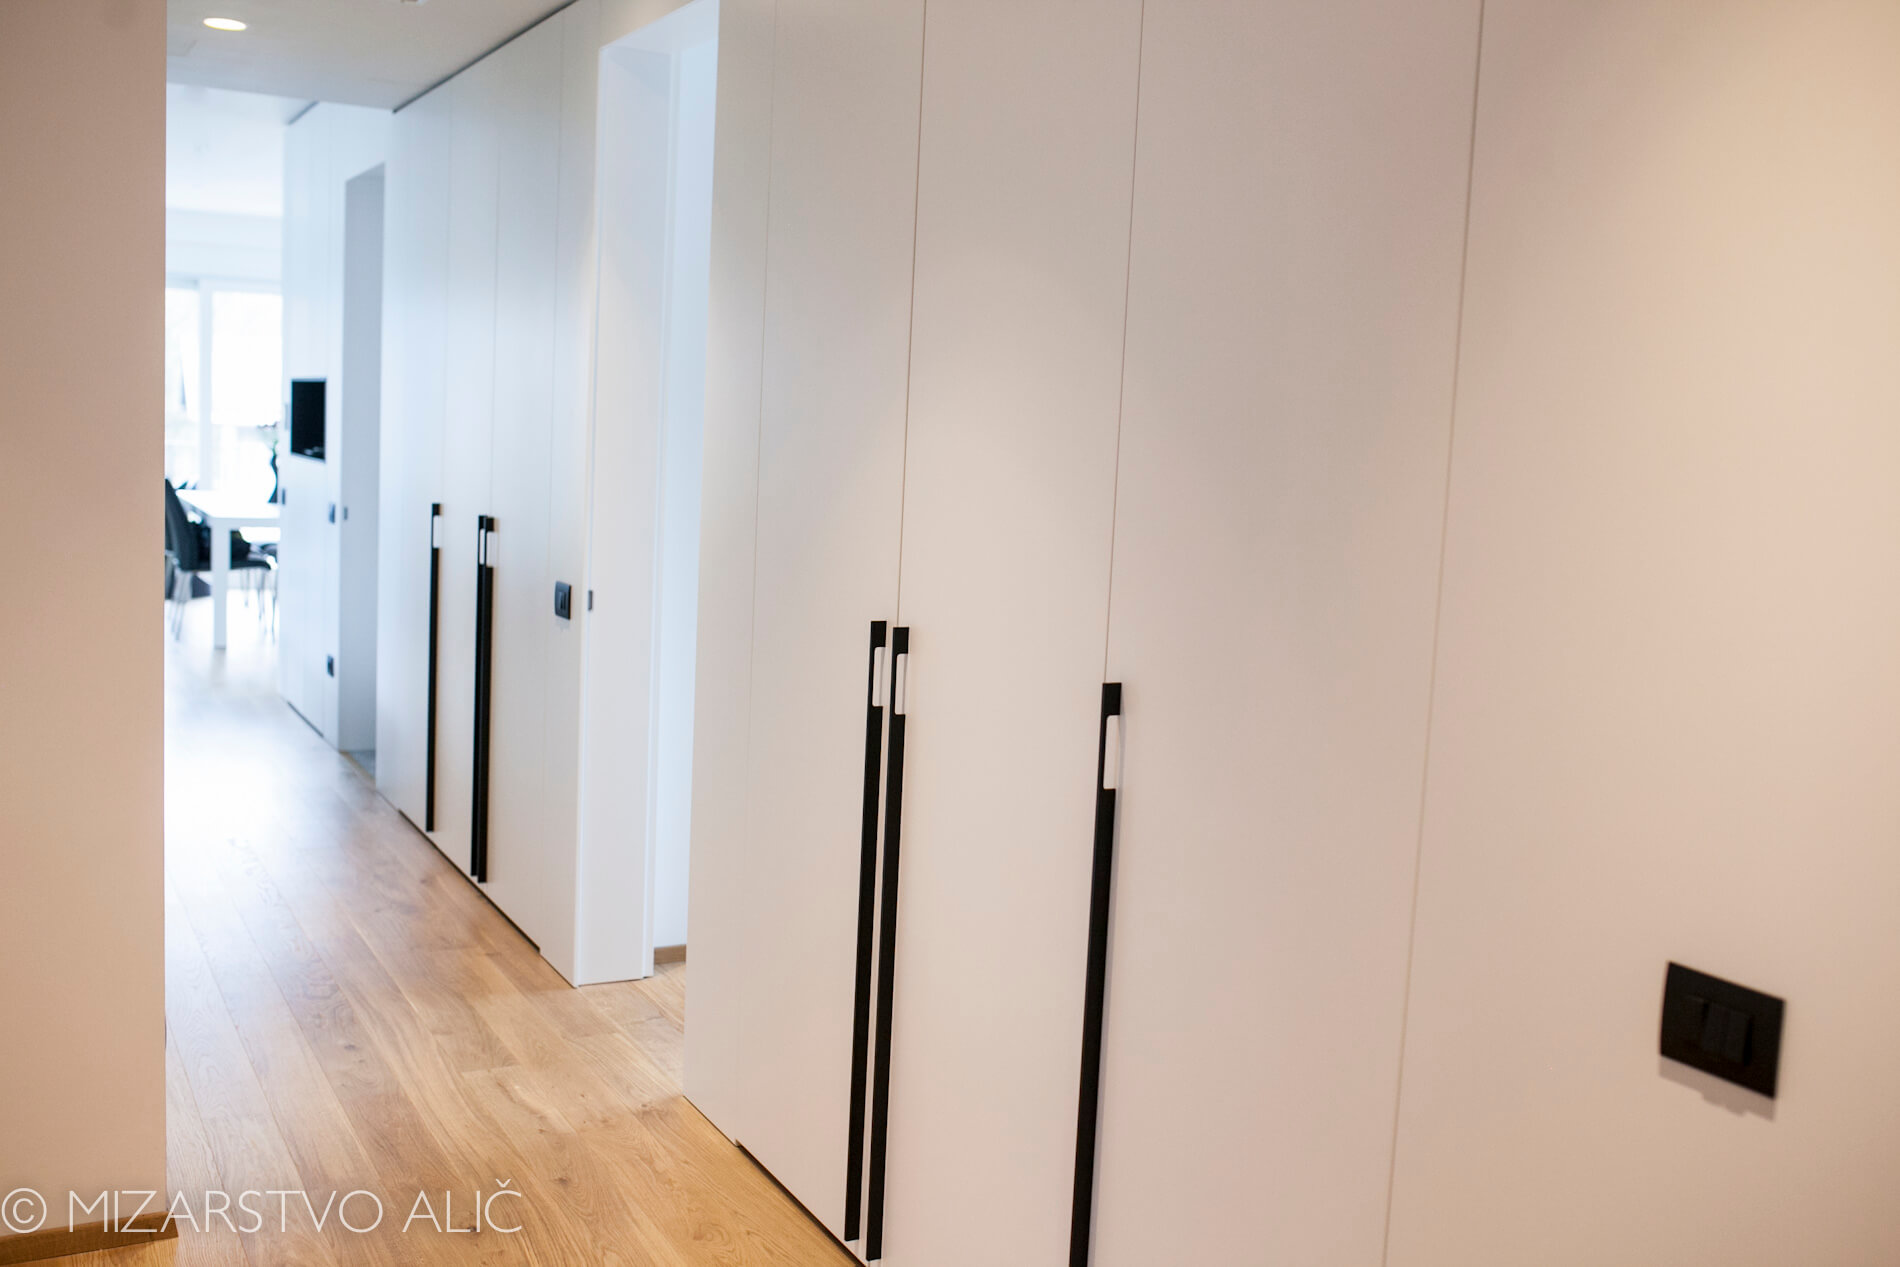 belo pohištvo in vgradne omare v predsobi, bela notranja vrata po meri